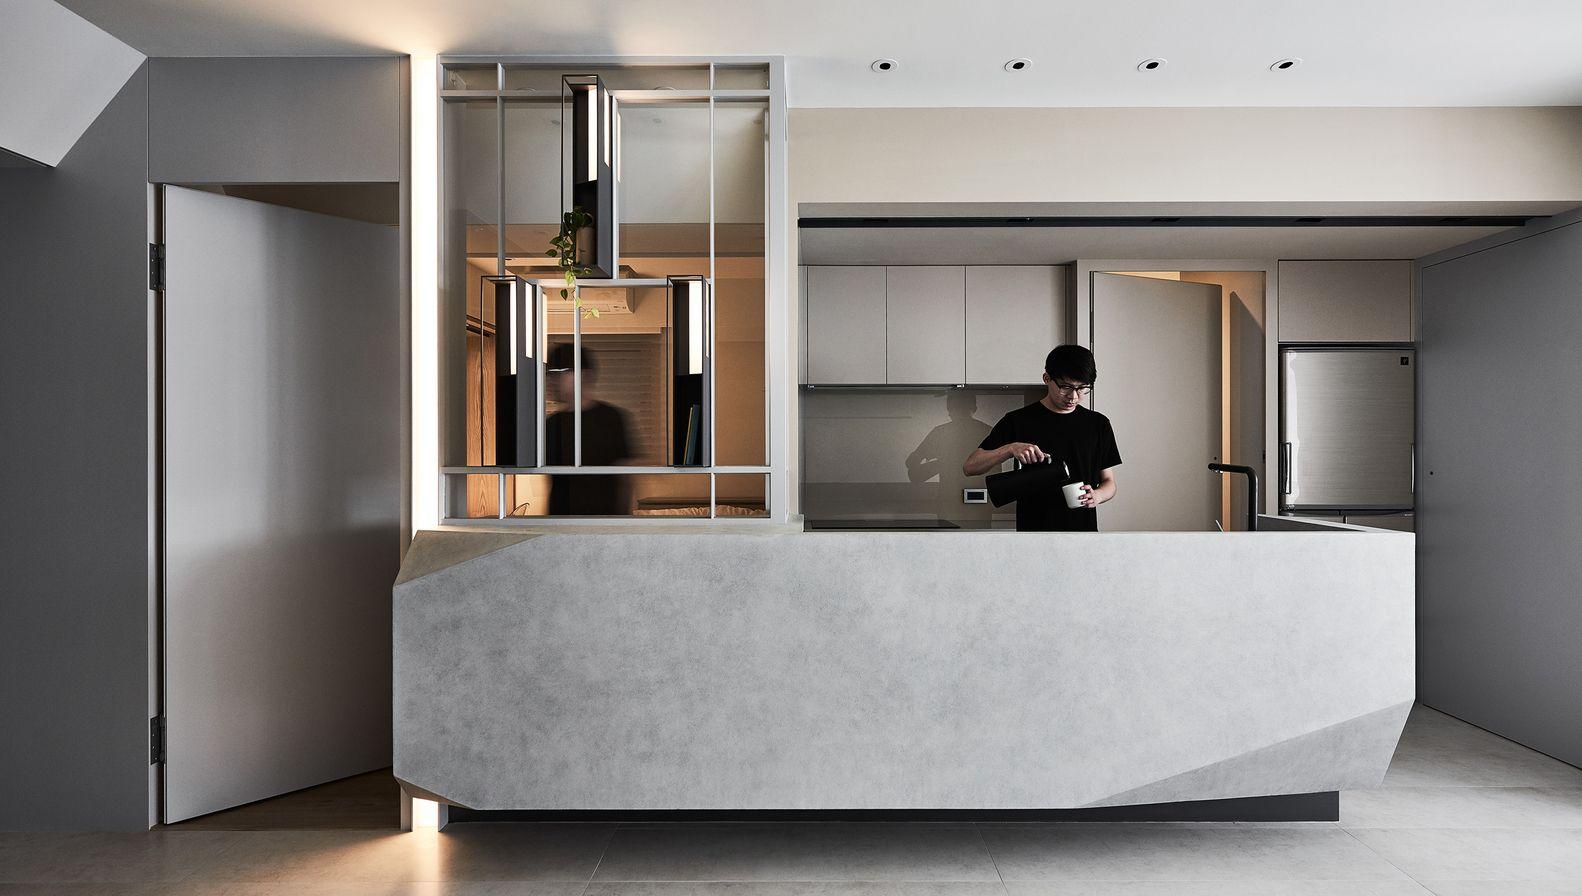 Pin de Oda Tangen en Reception | Pinterest | Escena, Galerías y Cocinas